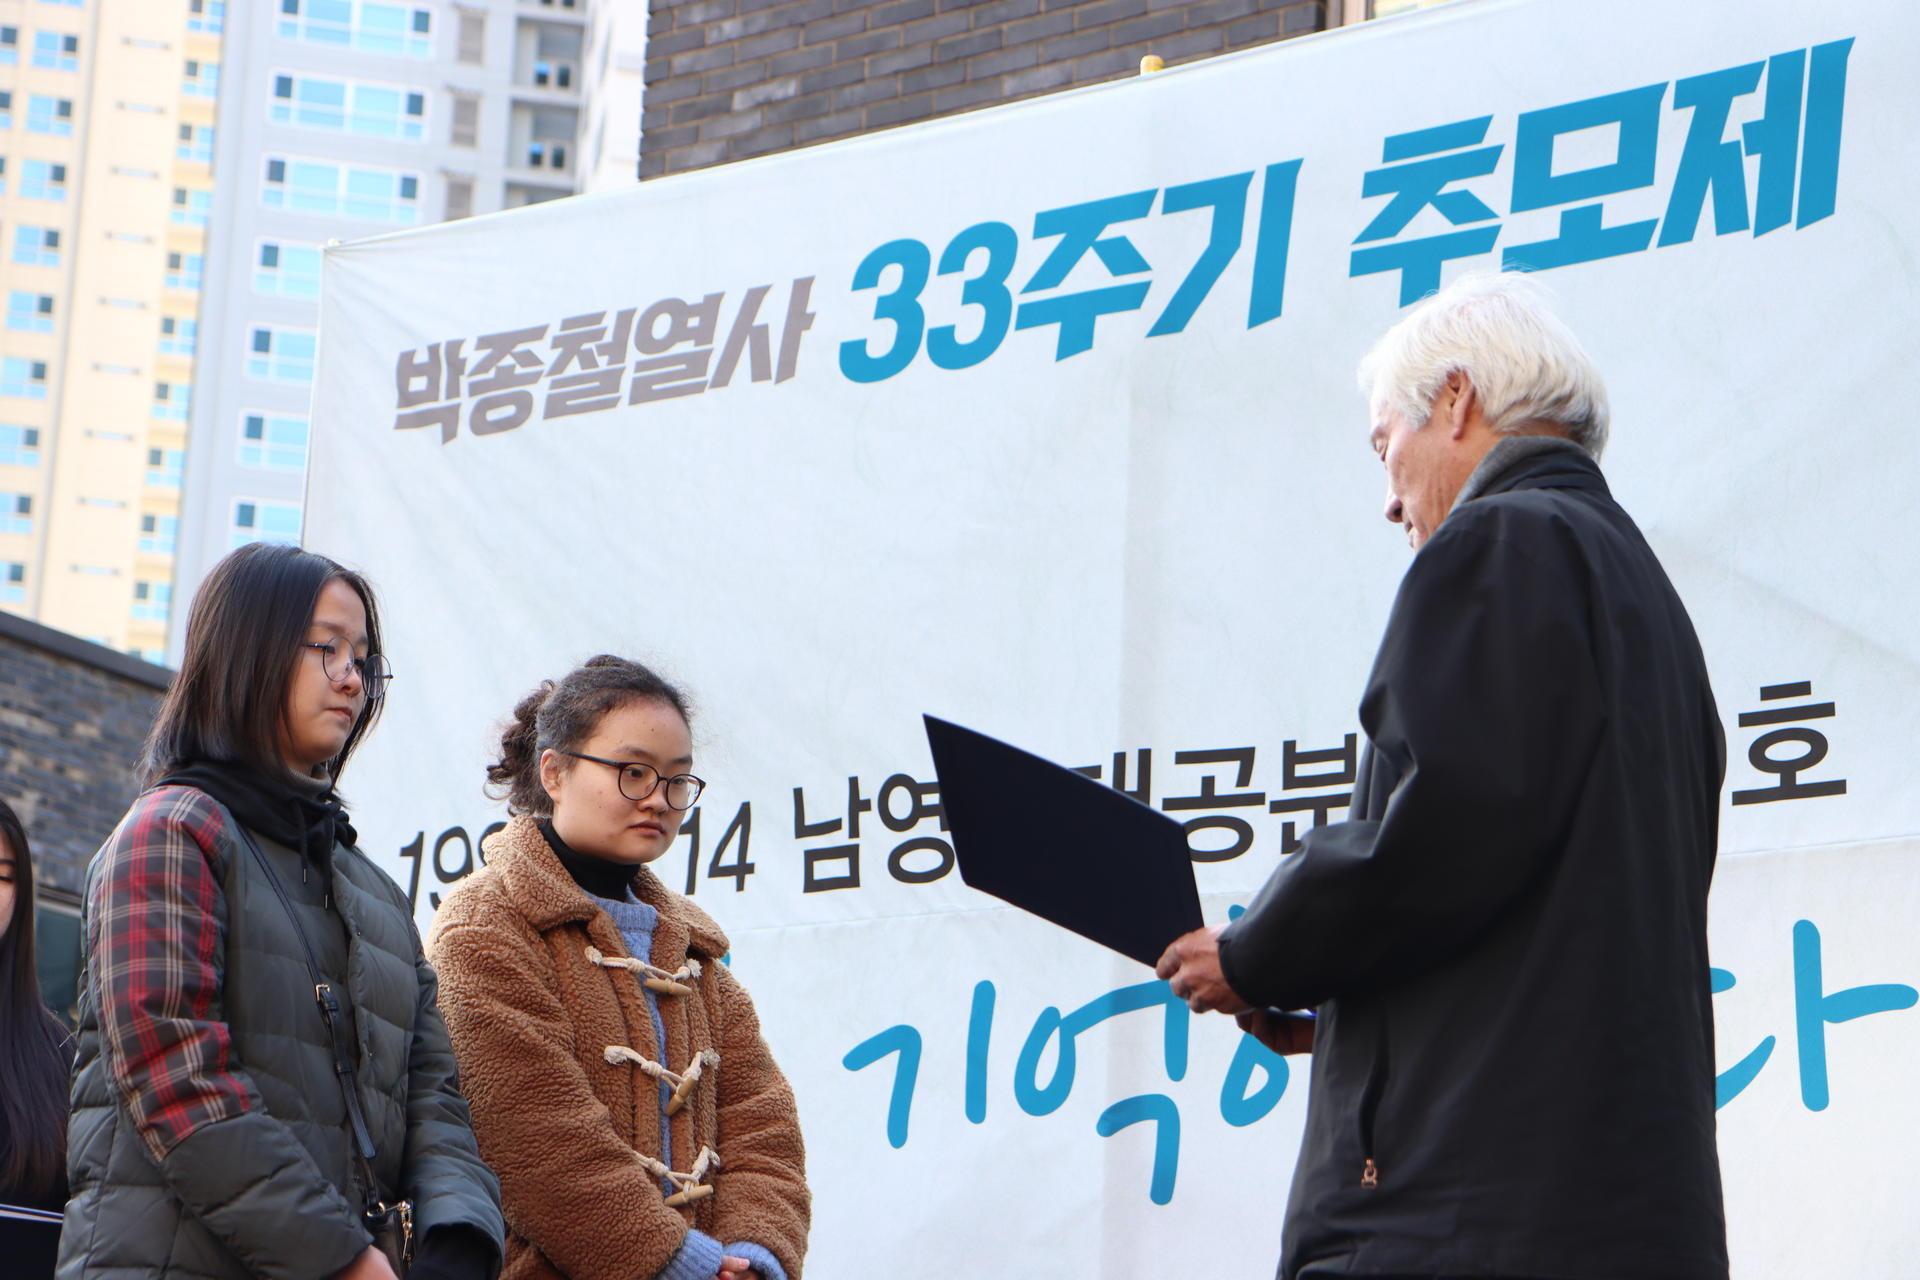 박종철장학금을 수여받고 있는 사진